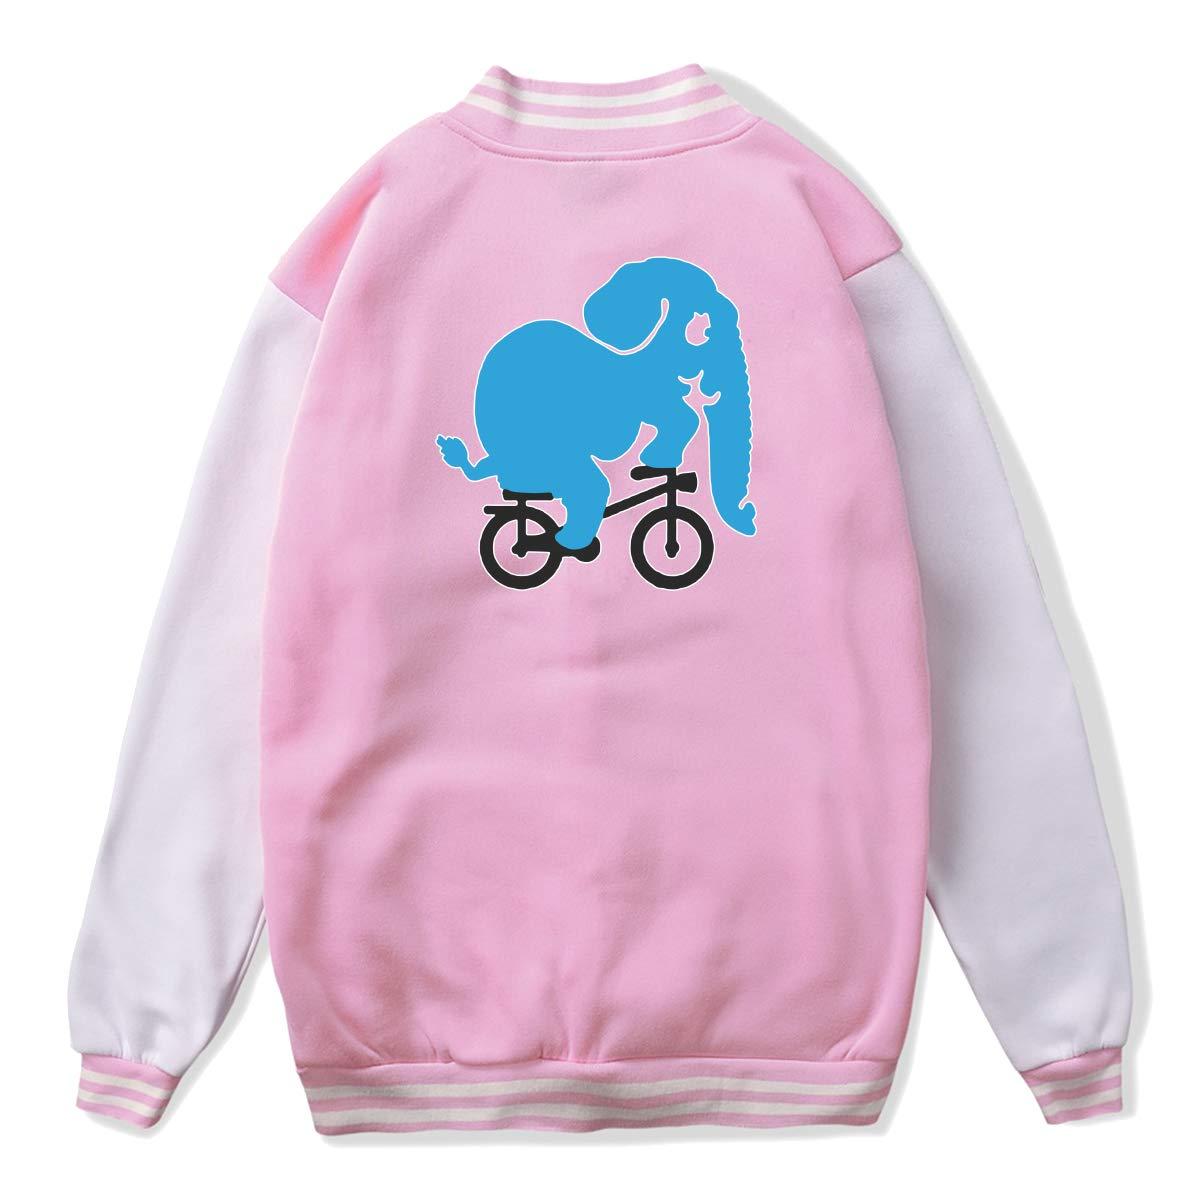 NJKM5MJ Unisex Youth Baseball Uniform Jacket Blue Elephant Riding Bike Hoodie Coat Sweater Sweatshirt Back Print